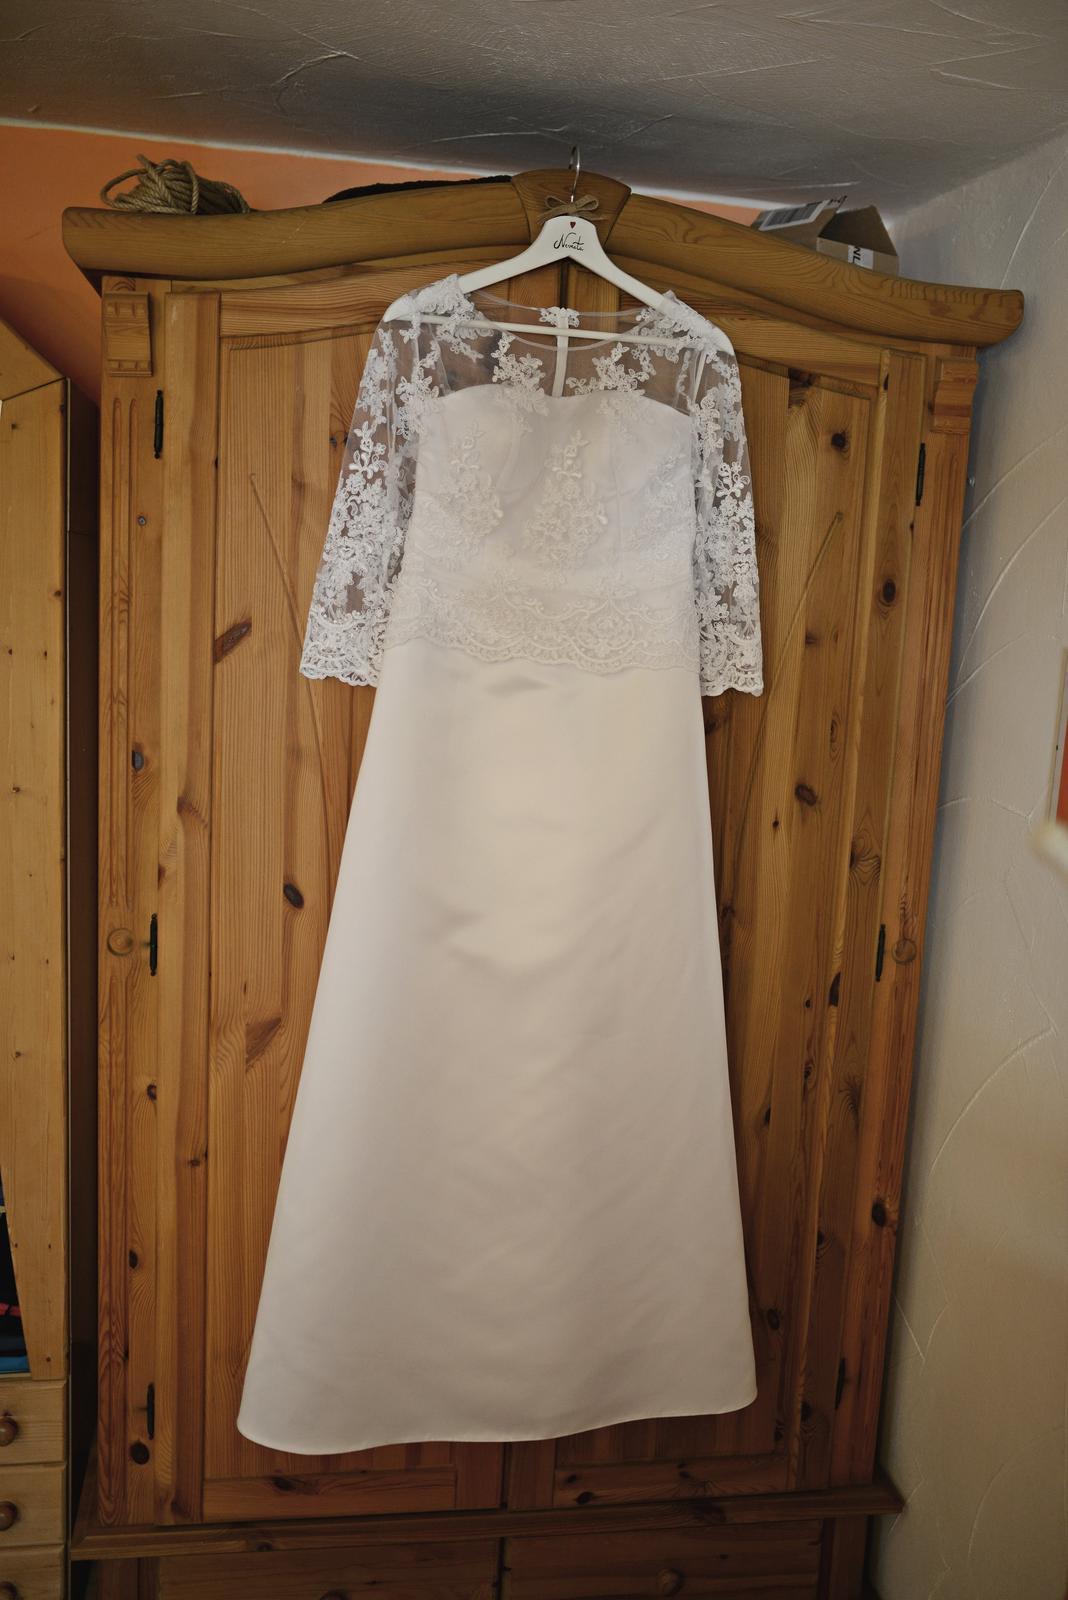 Svatební šaty - bílé s krajkou, vel. 38 - Obrázek č. 3